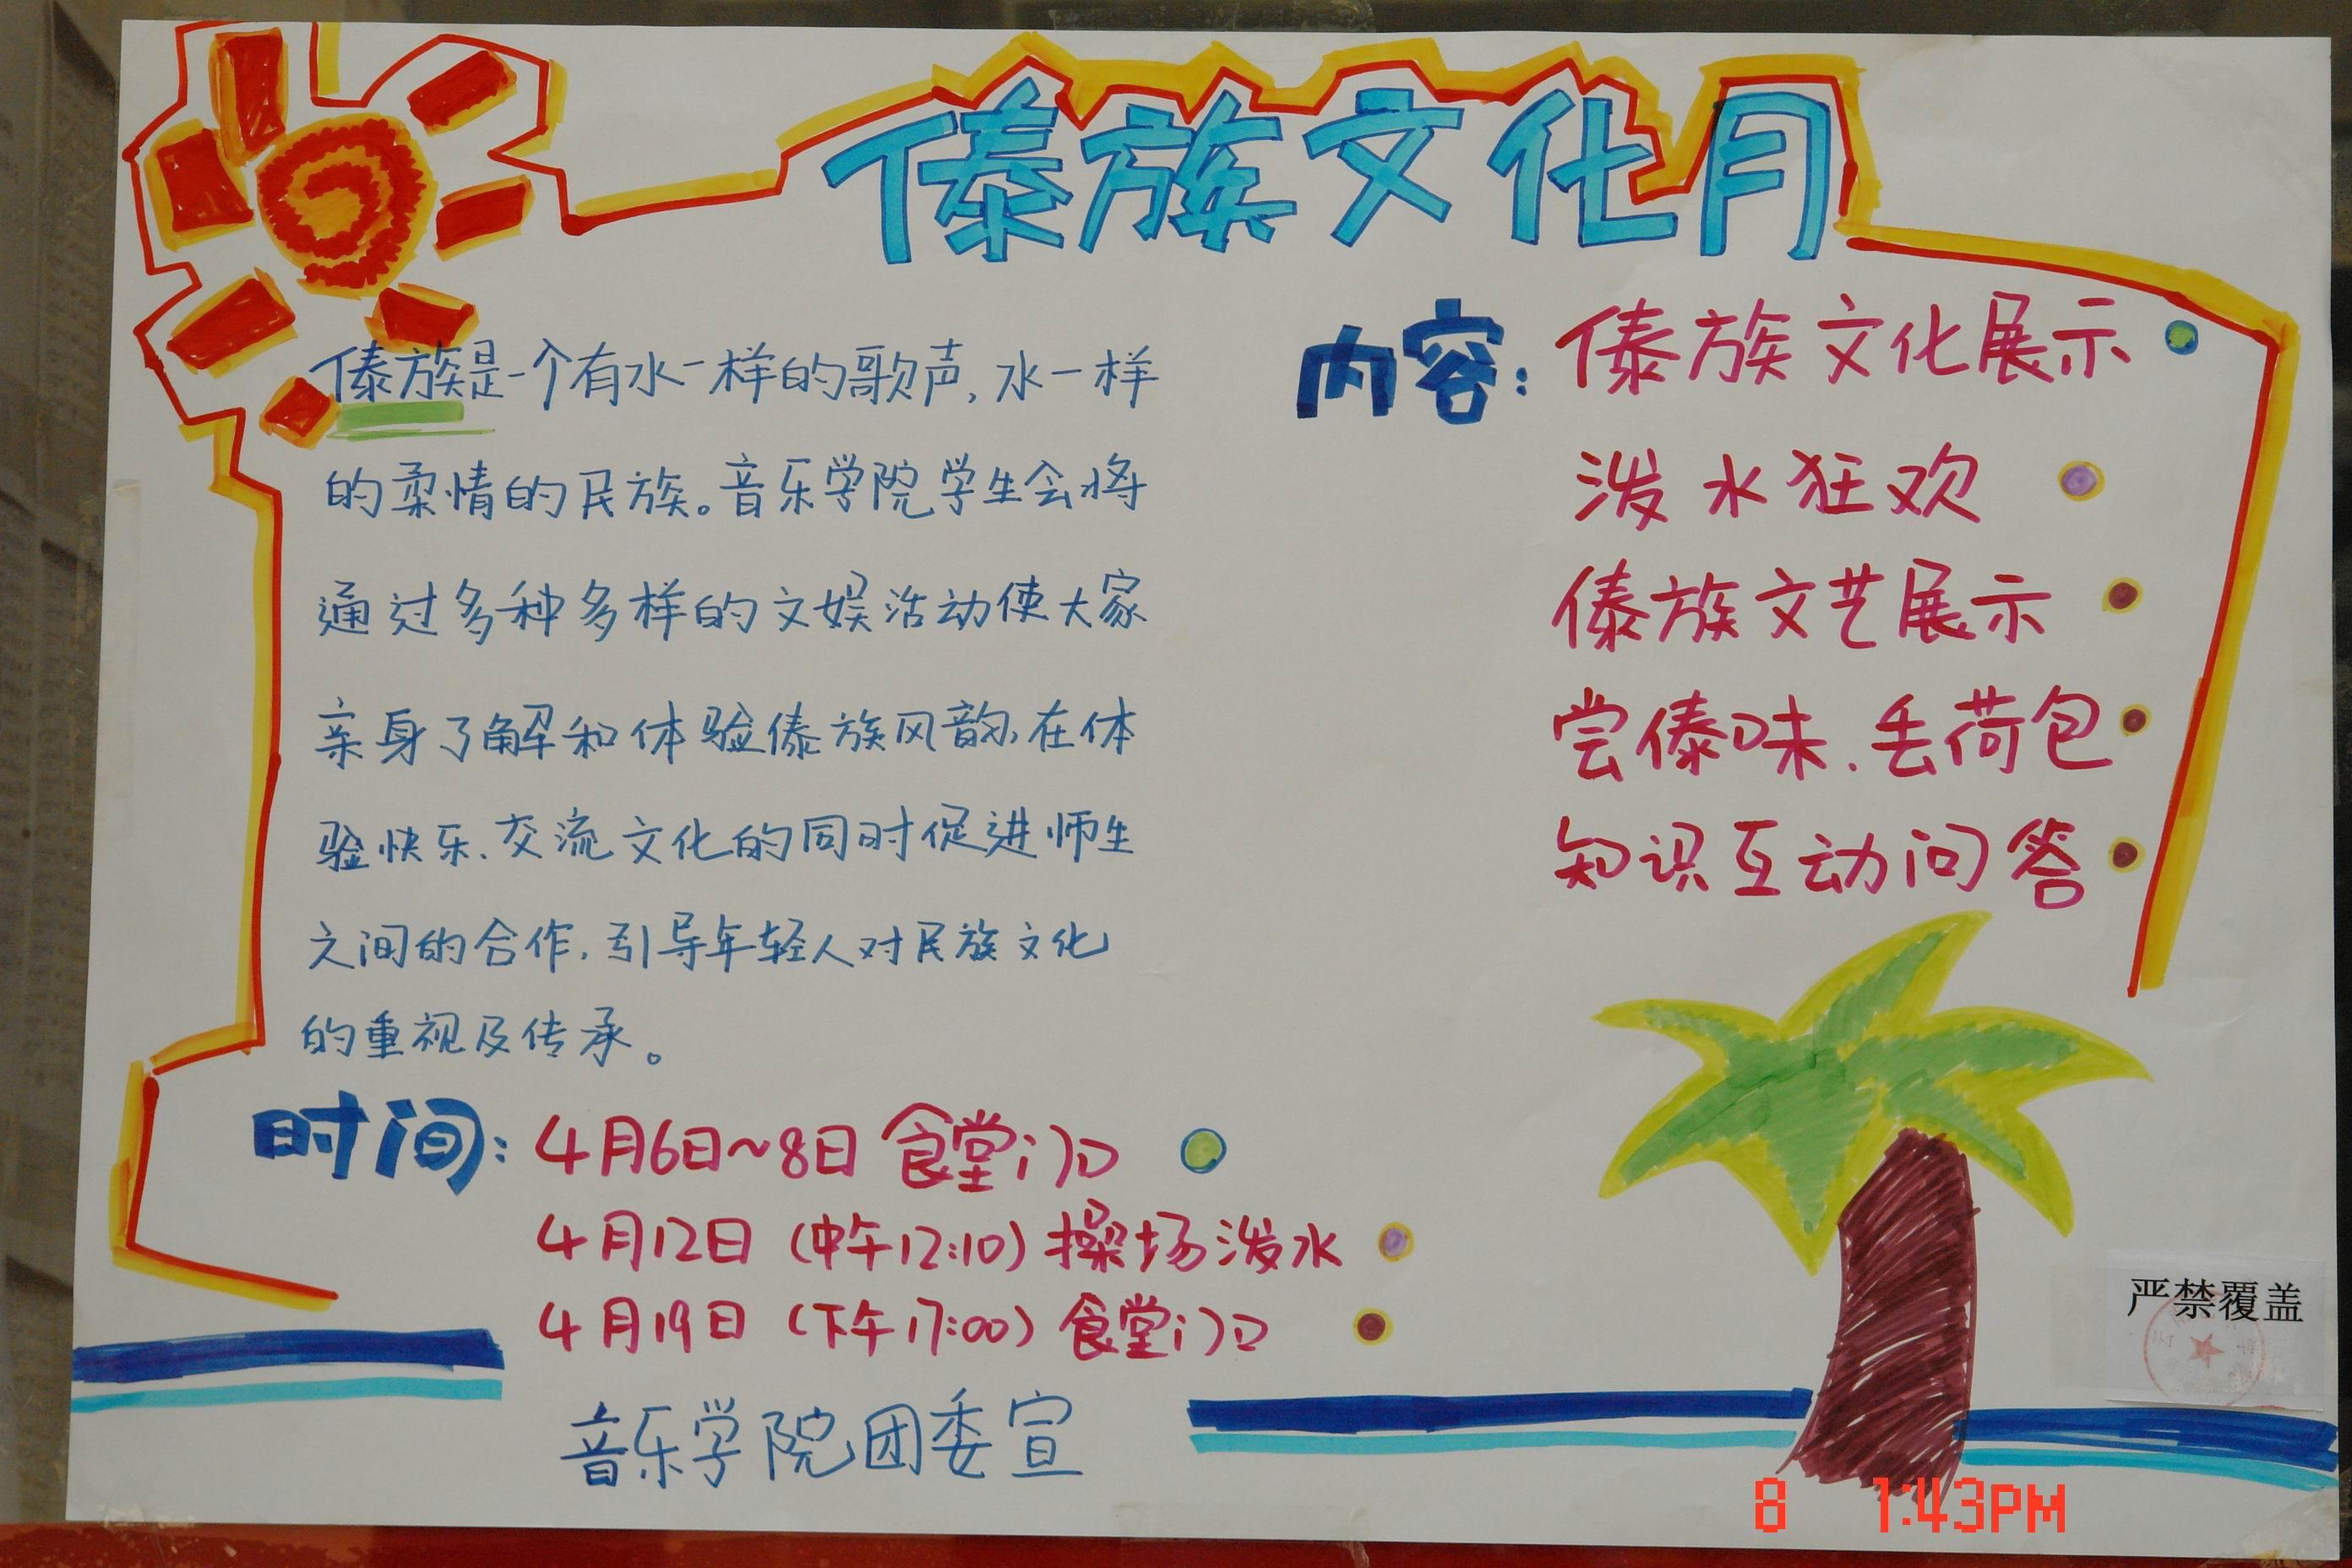 有关少数民族文化的手抄报 image.baidu.com